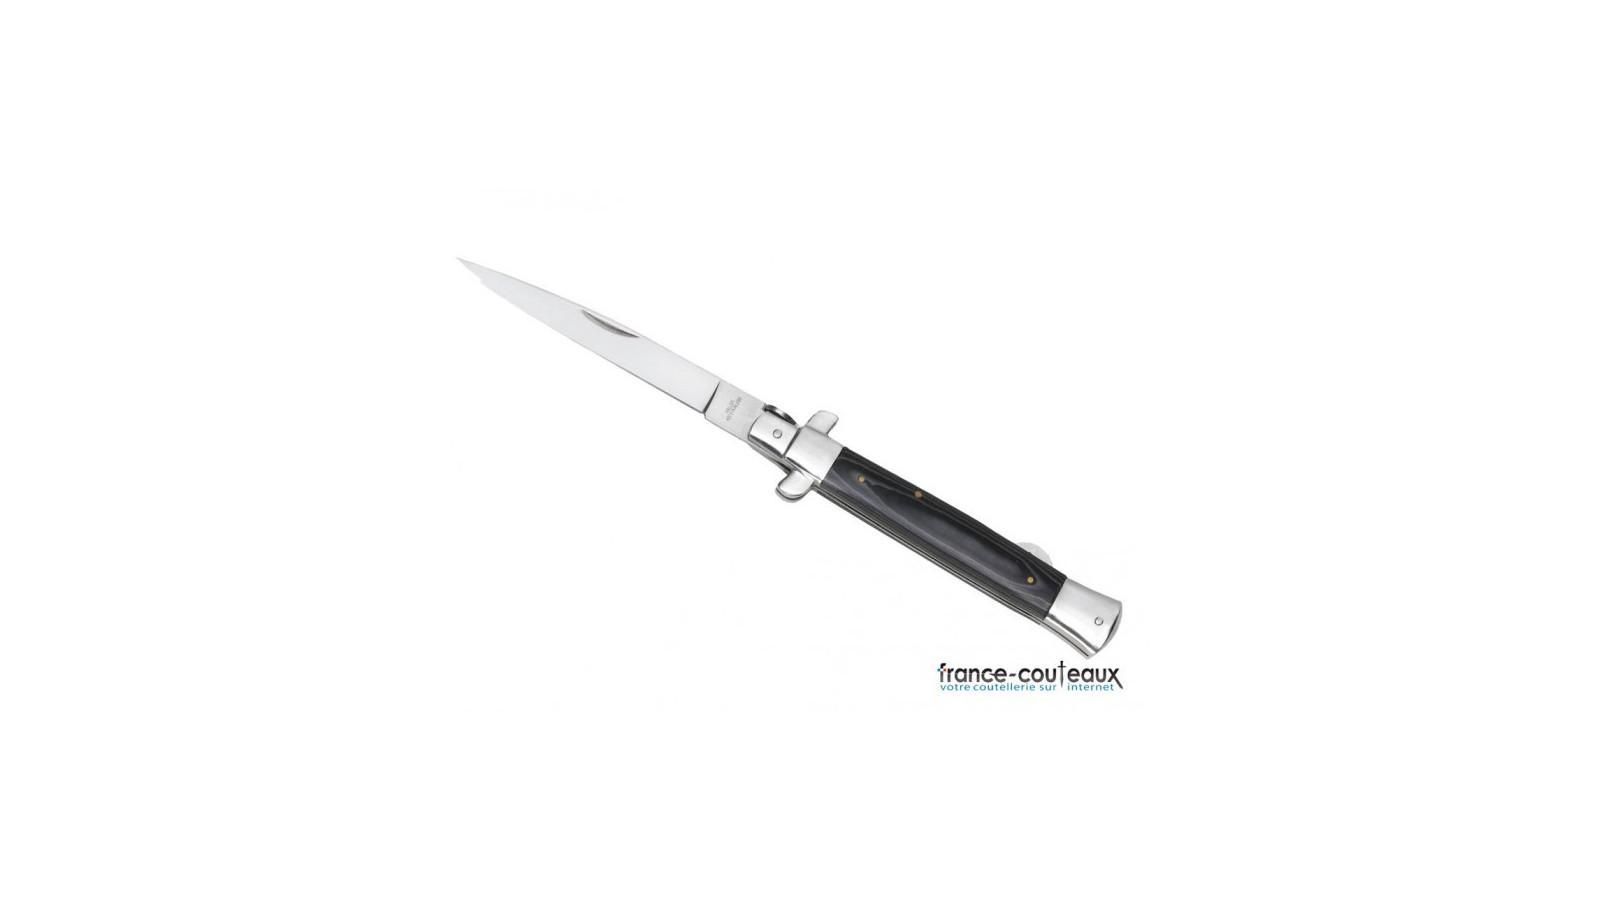 3 kunaï noirs et rouges identiques + étui de transport - 17 cm